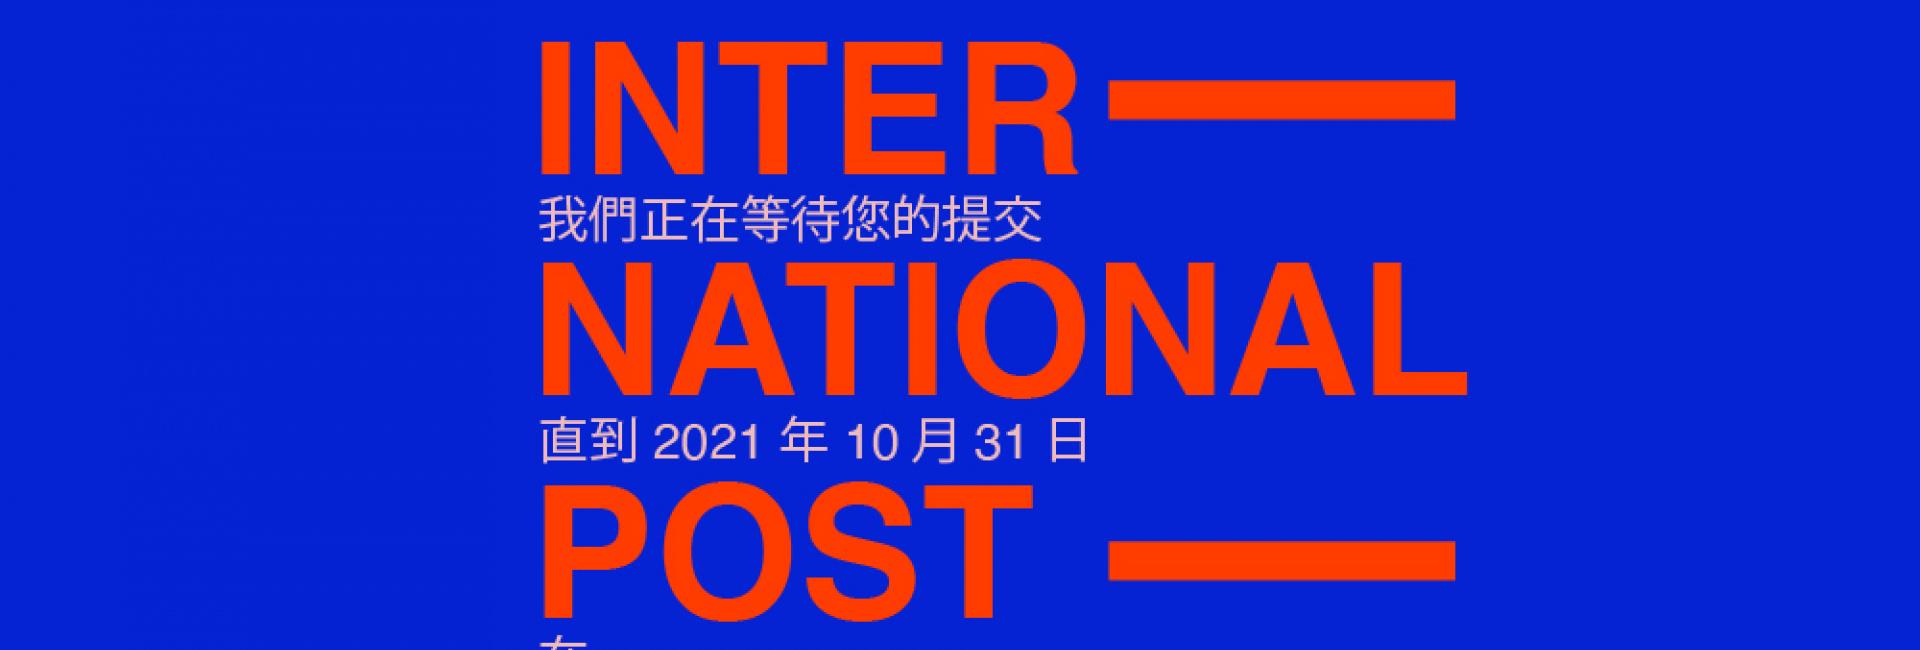 5. International Poster Biennale Lublin